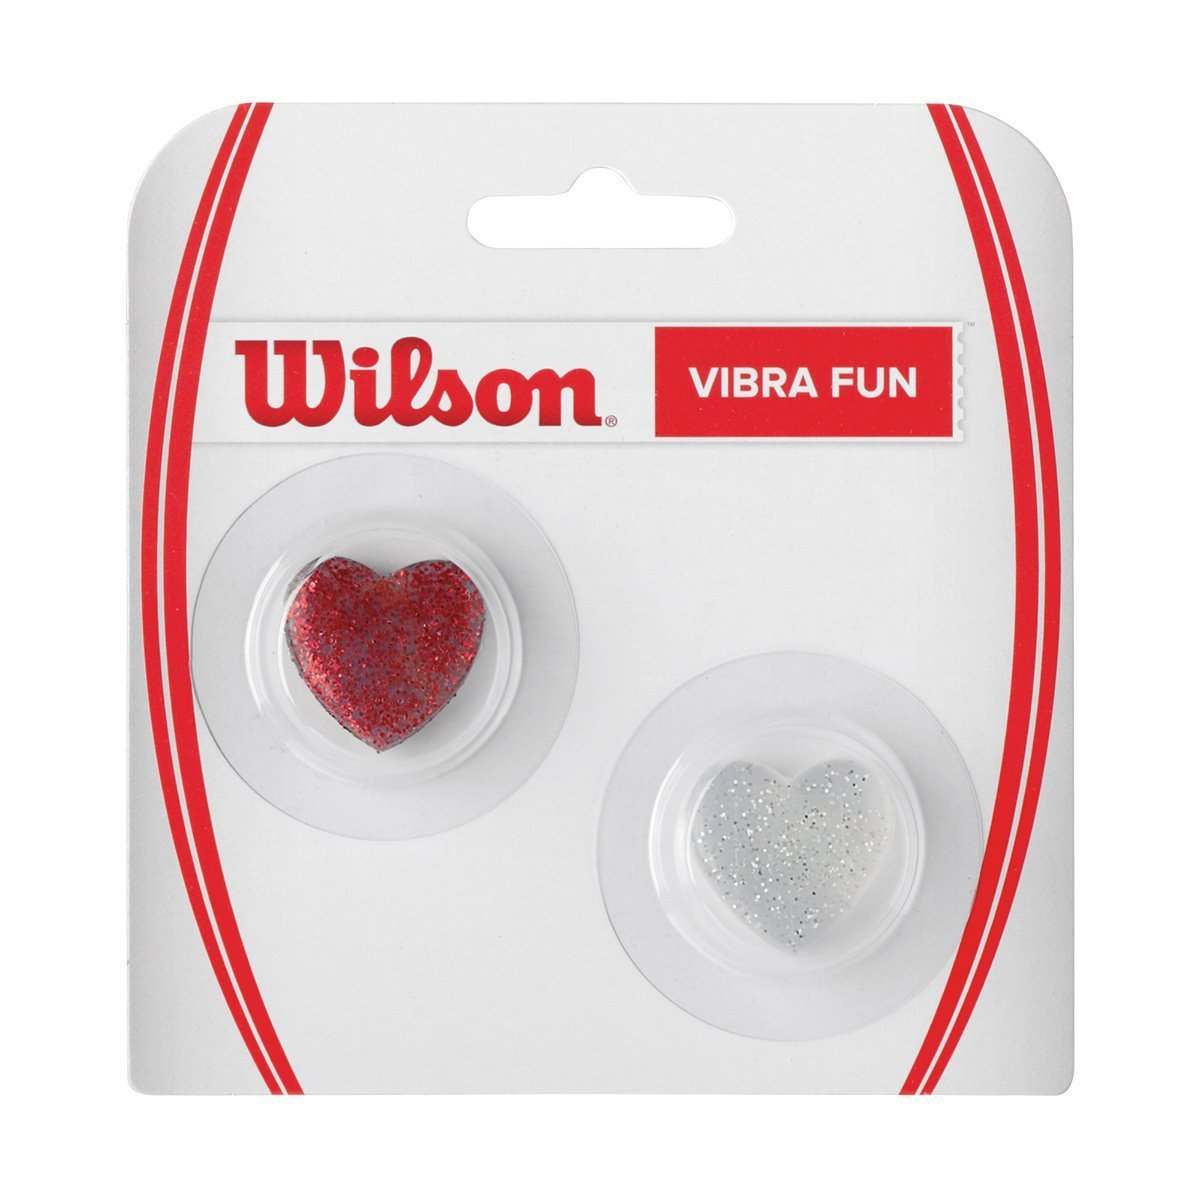 Wilson Vibra Fun Hearts 2er Vibrationsd/ämpfer Herz TI